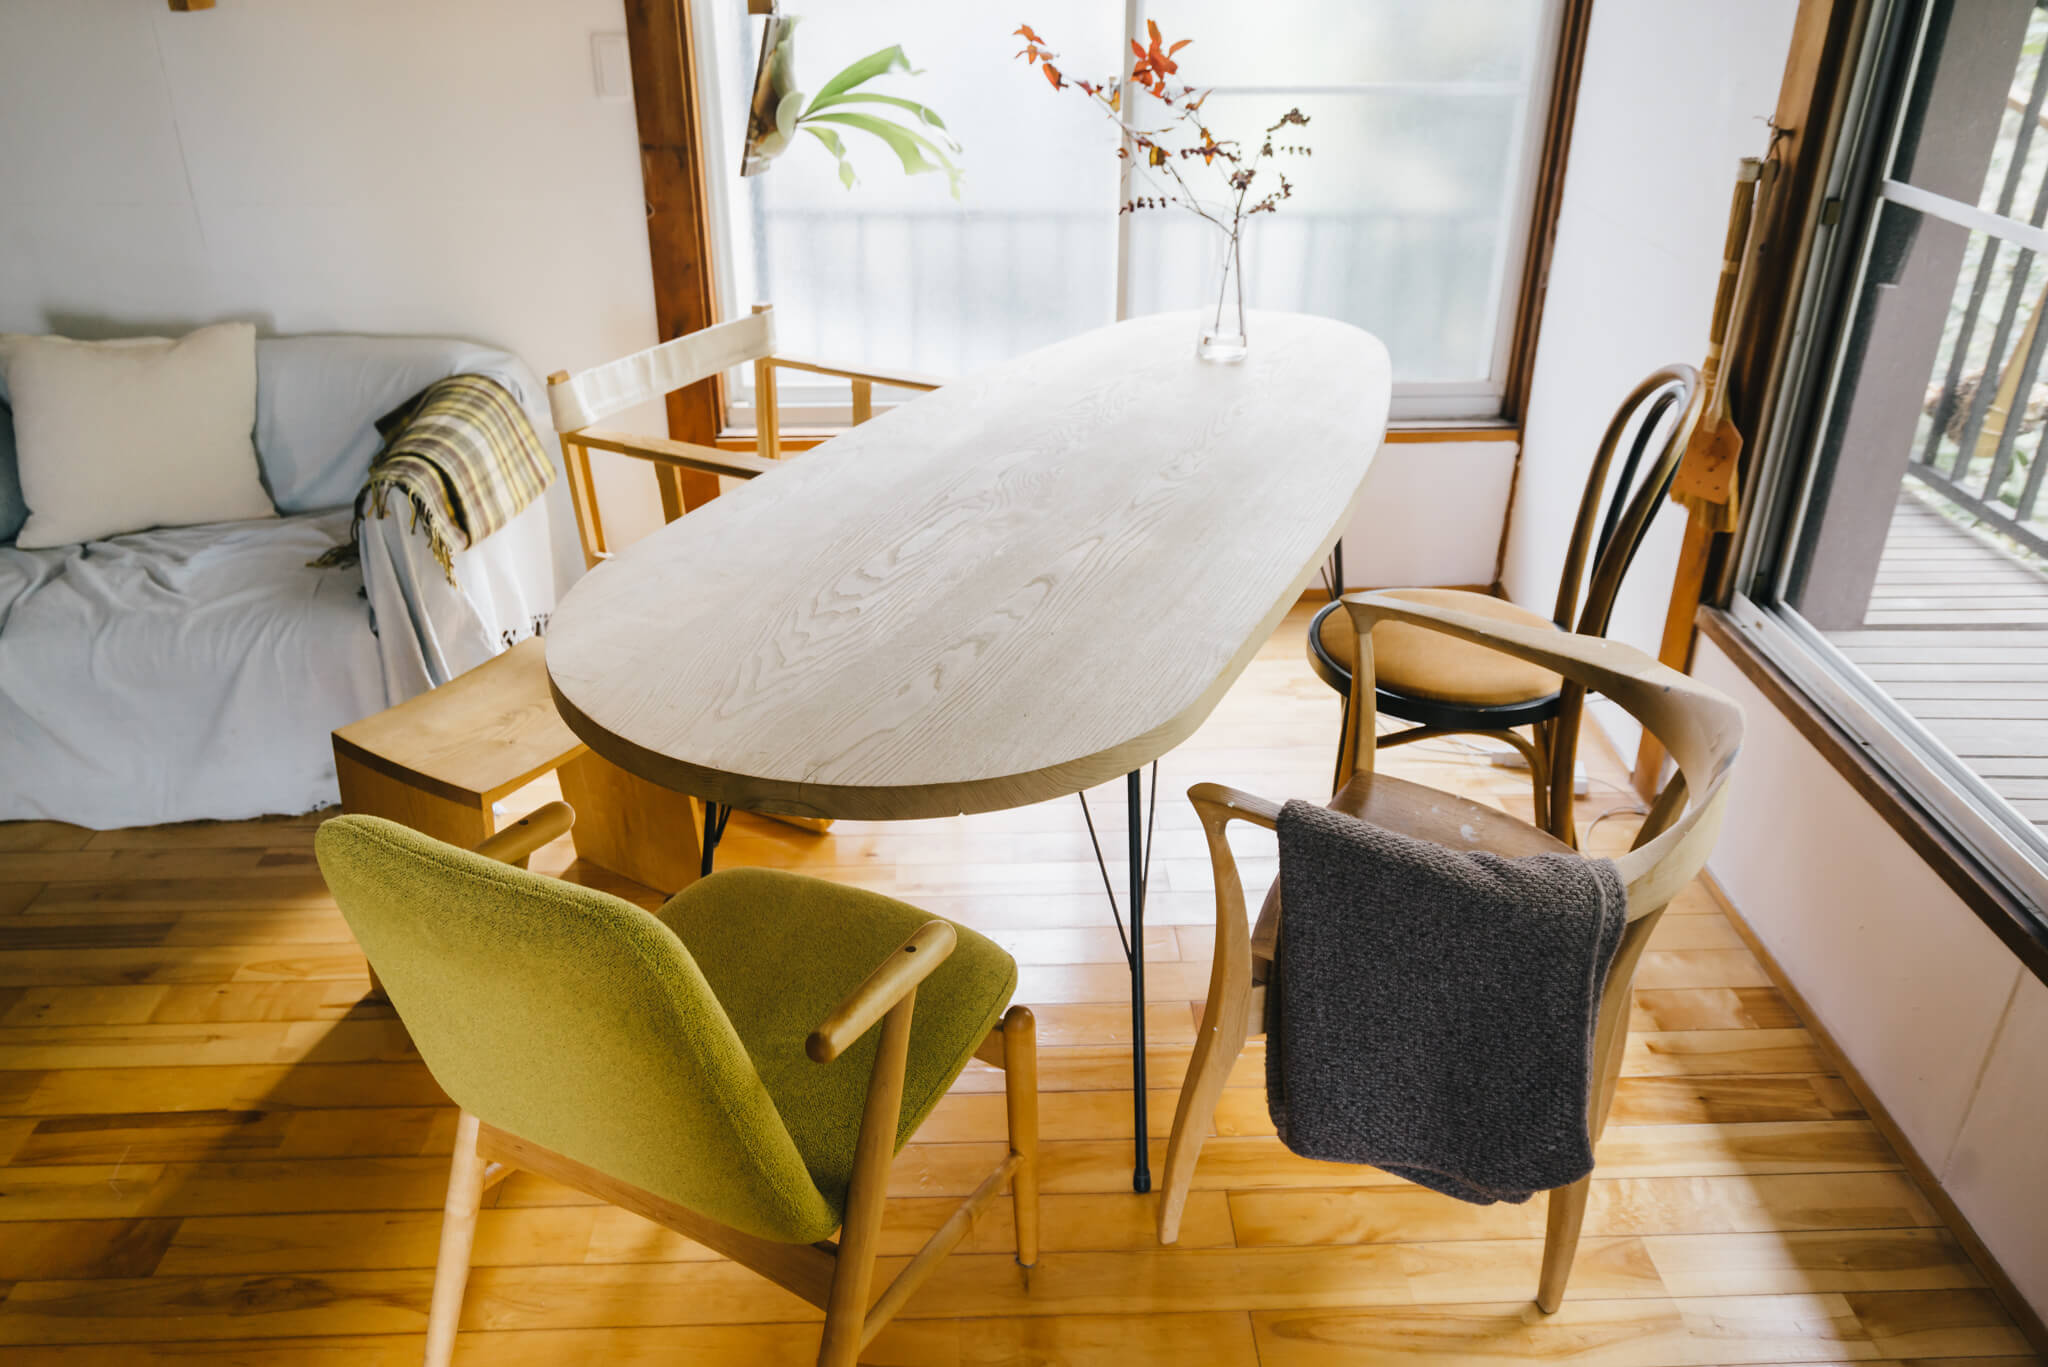 このダイニングテーブルも、平塚さんの手作り。対面に座っても、90度の位置で座ってもちょうどいいように、という緑川さんのリクエストでこの楕円形の形に。